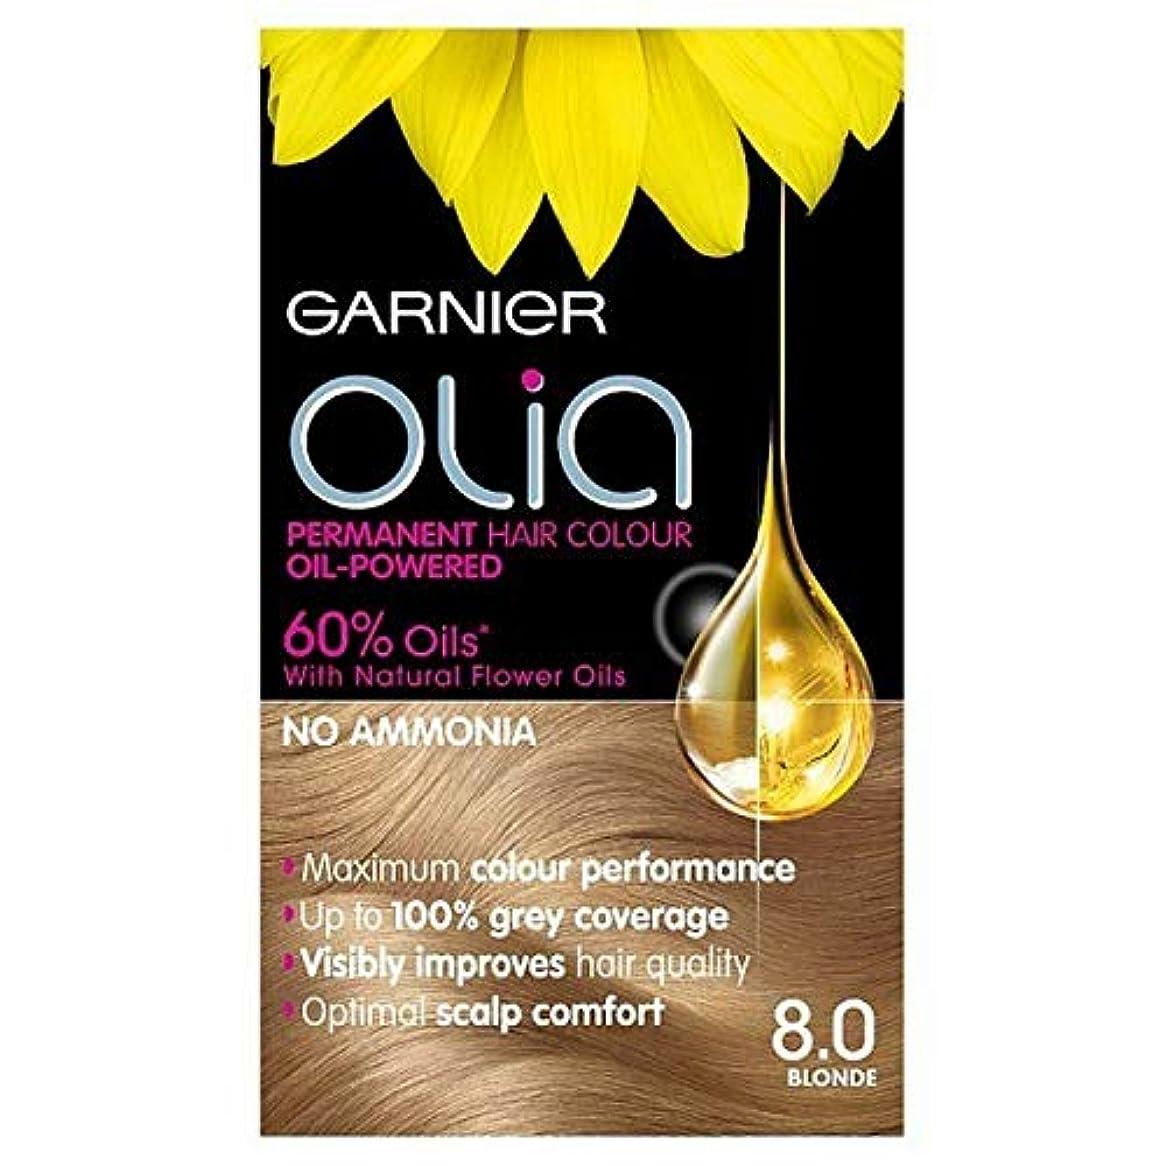 可能厳密にセクタ[Garnier ] 8.0ブロンドガルニエOliaパーマネントヘアダイ - Garnier Olia Permanent Hair Dye Blonde 8.0 [並行輸入品]